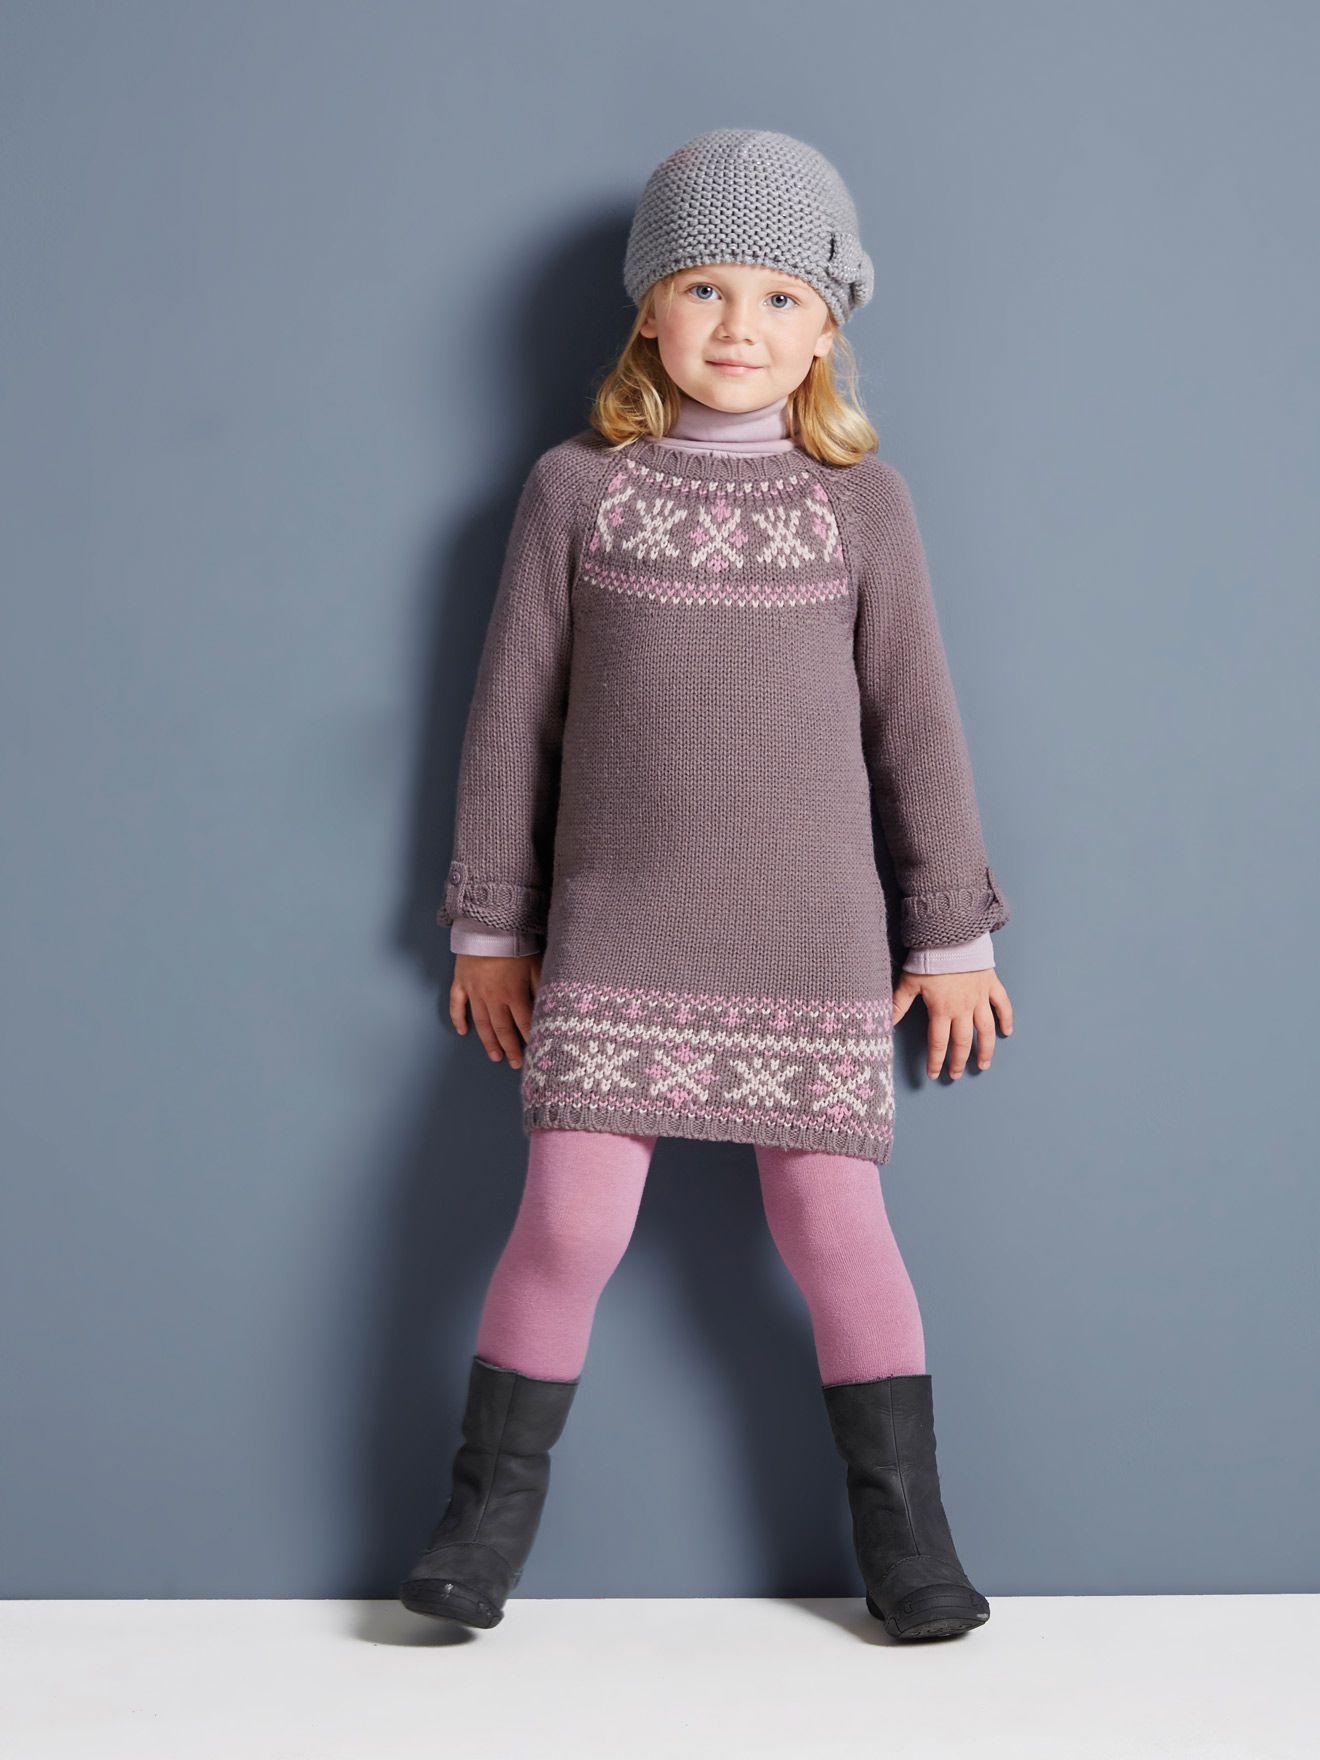 Mädchen Strickkleid Mit Jacquard Motiv Barborai Girls Knitted